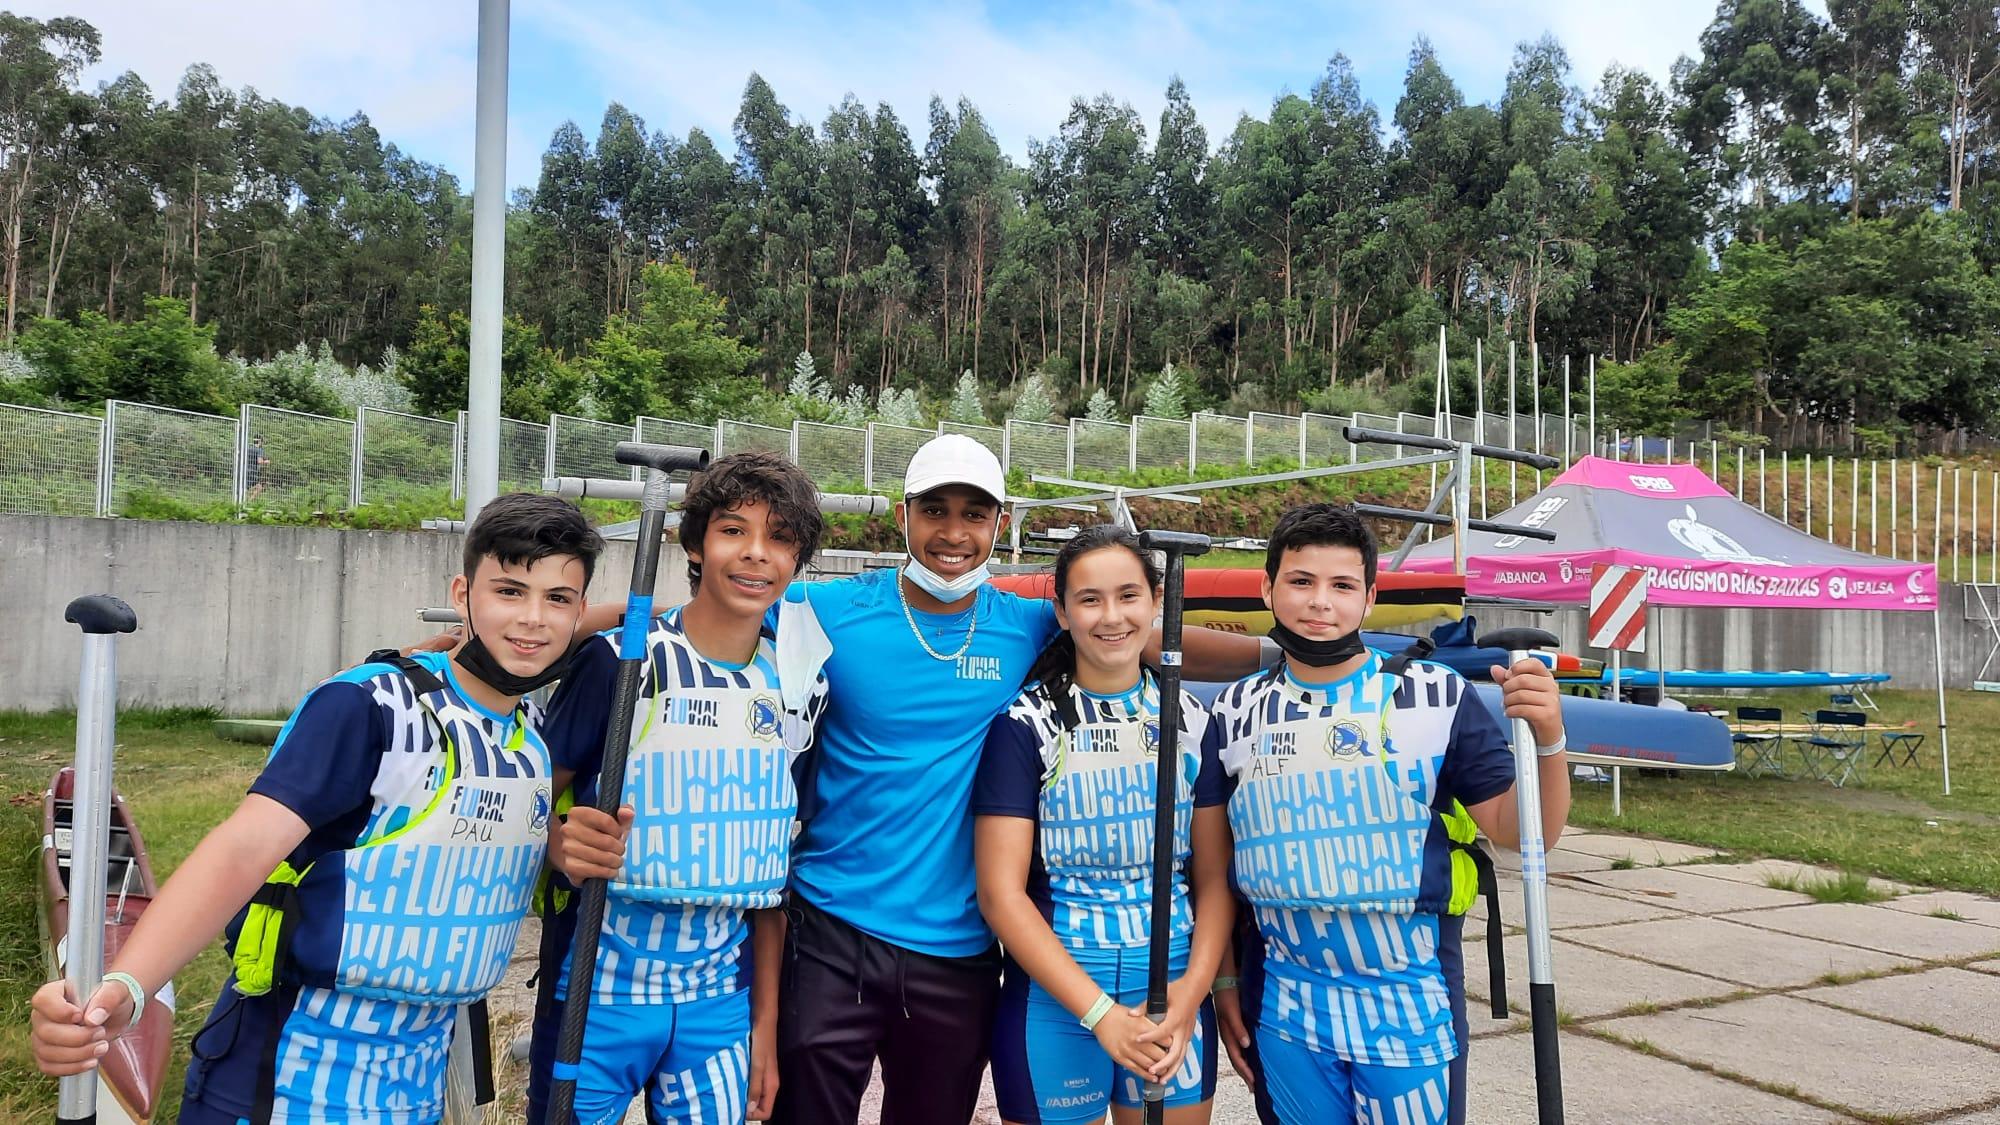 Excelentes resultados de nuestros palistas en el Campeonato Gallego Infantil de Piragüismo